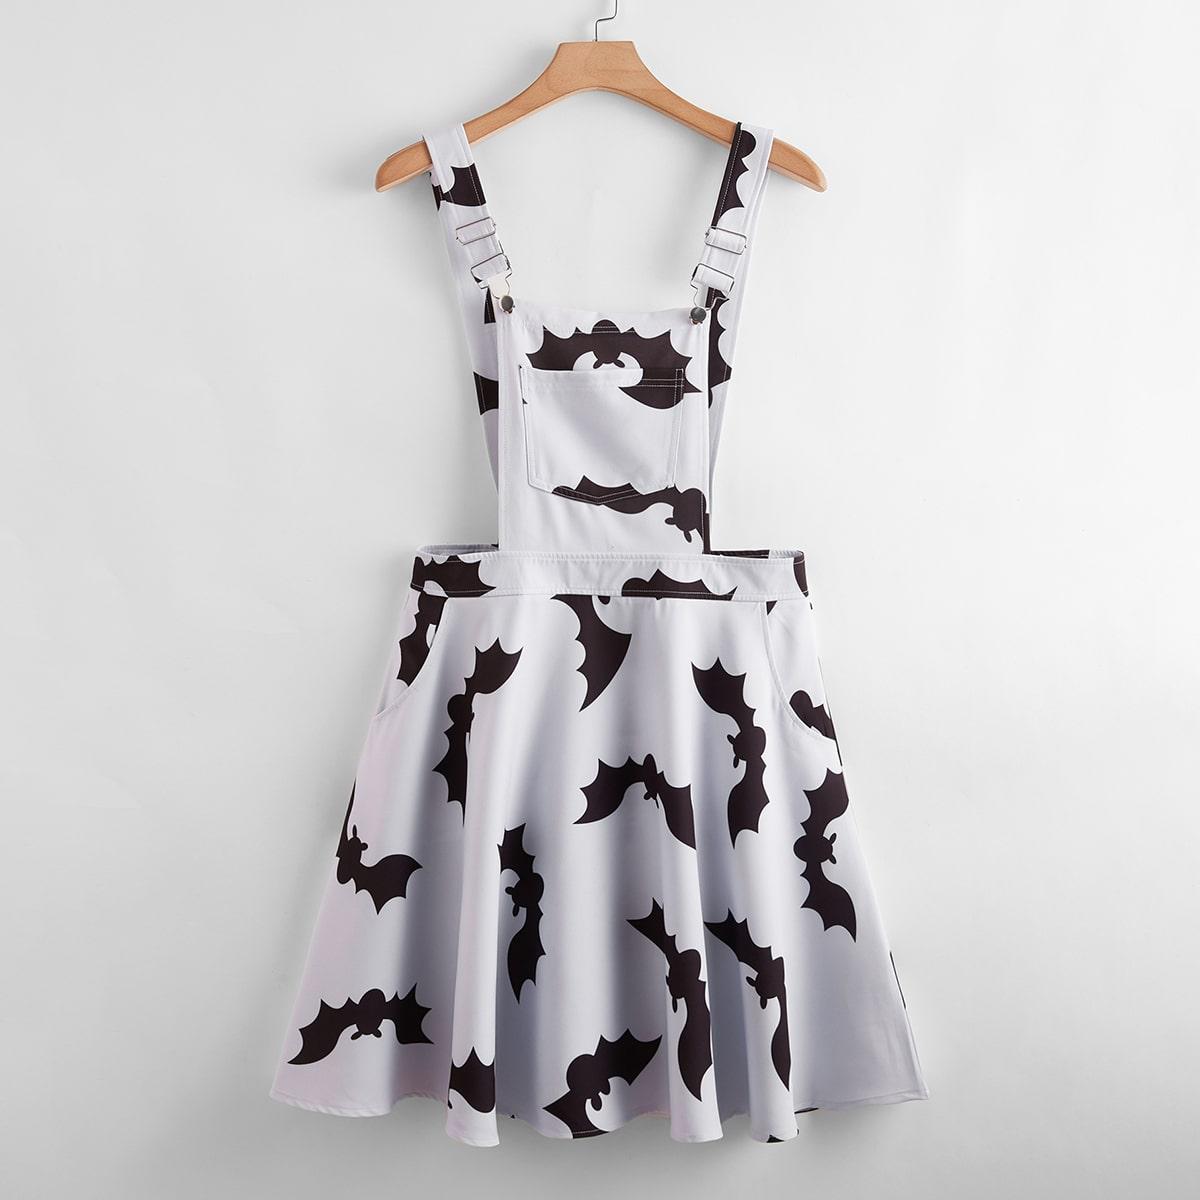 SHEIN / Kleid mit Fledermaus Muster